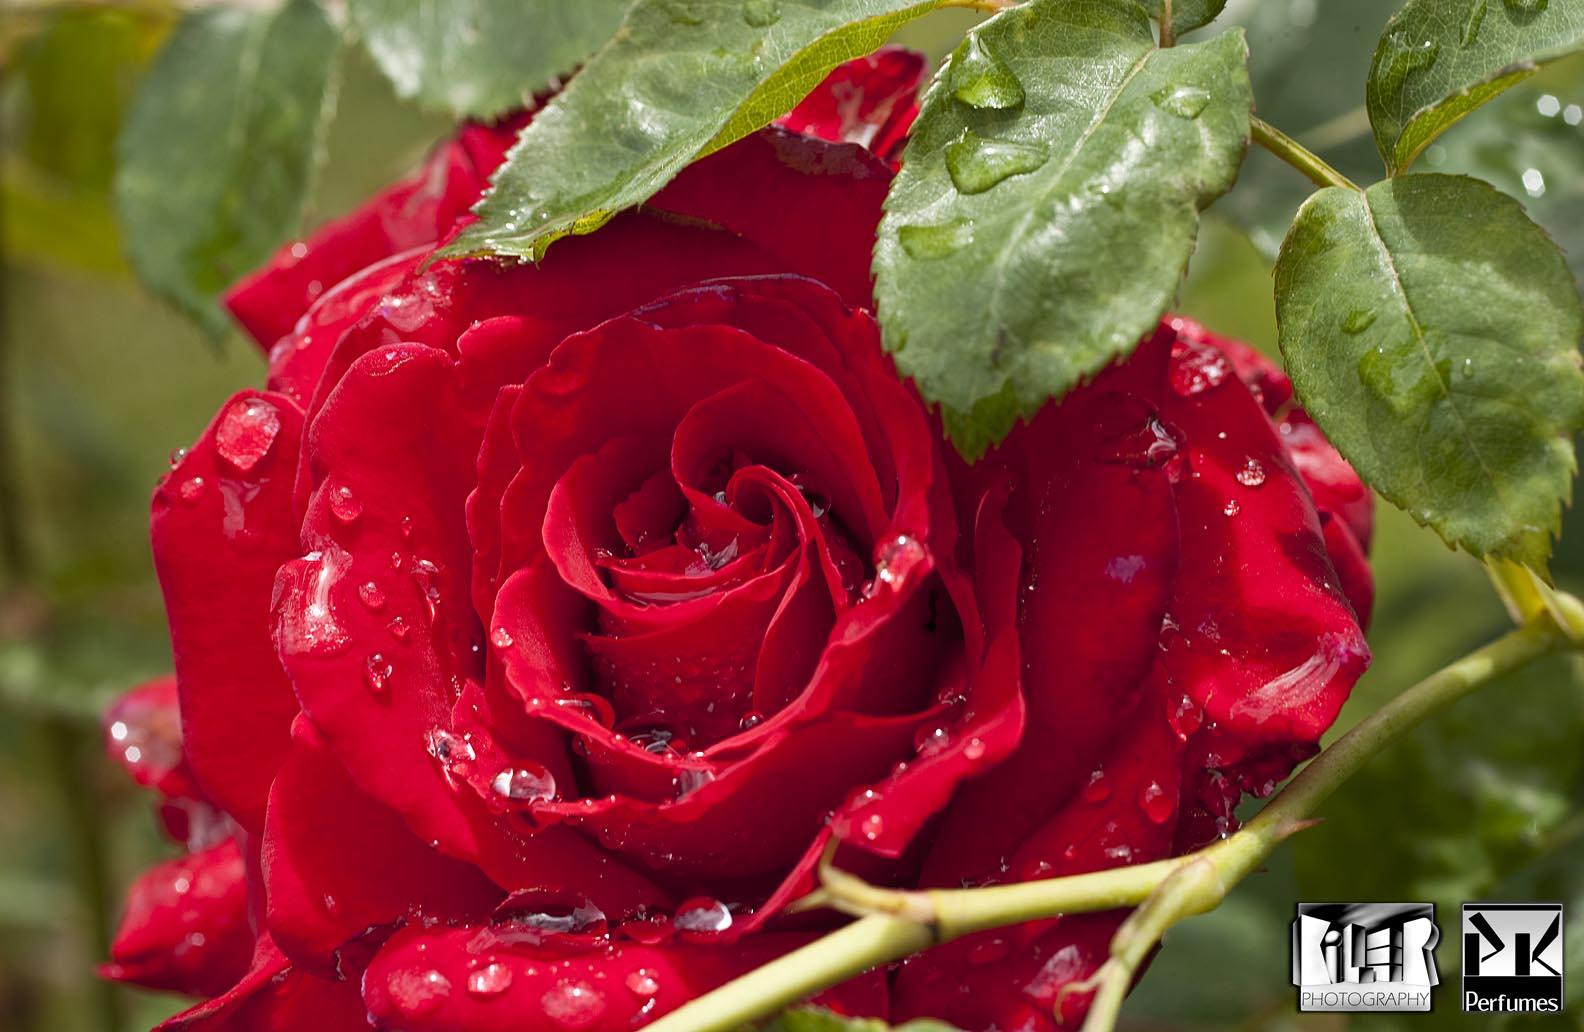 Rain Soaked Rose 3 - PK Perfumes